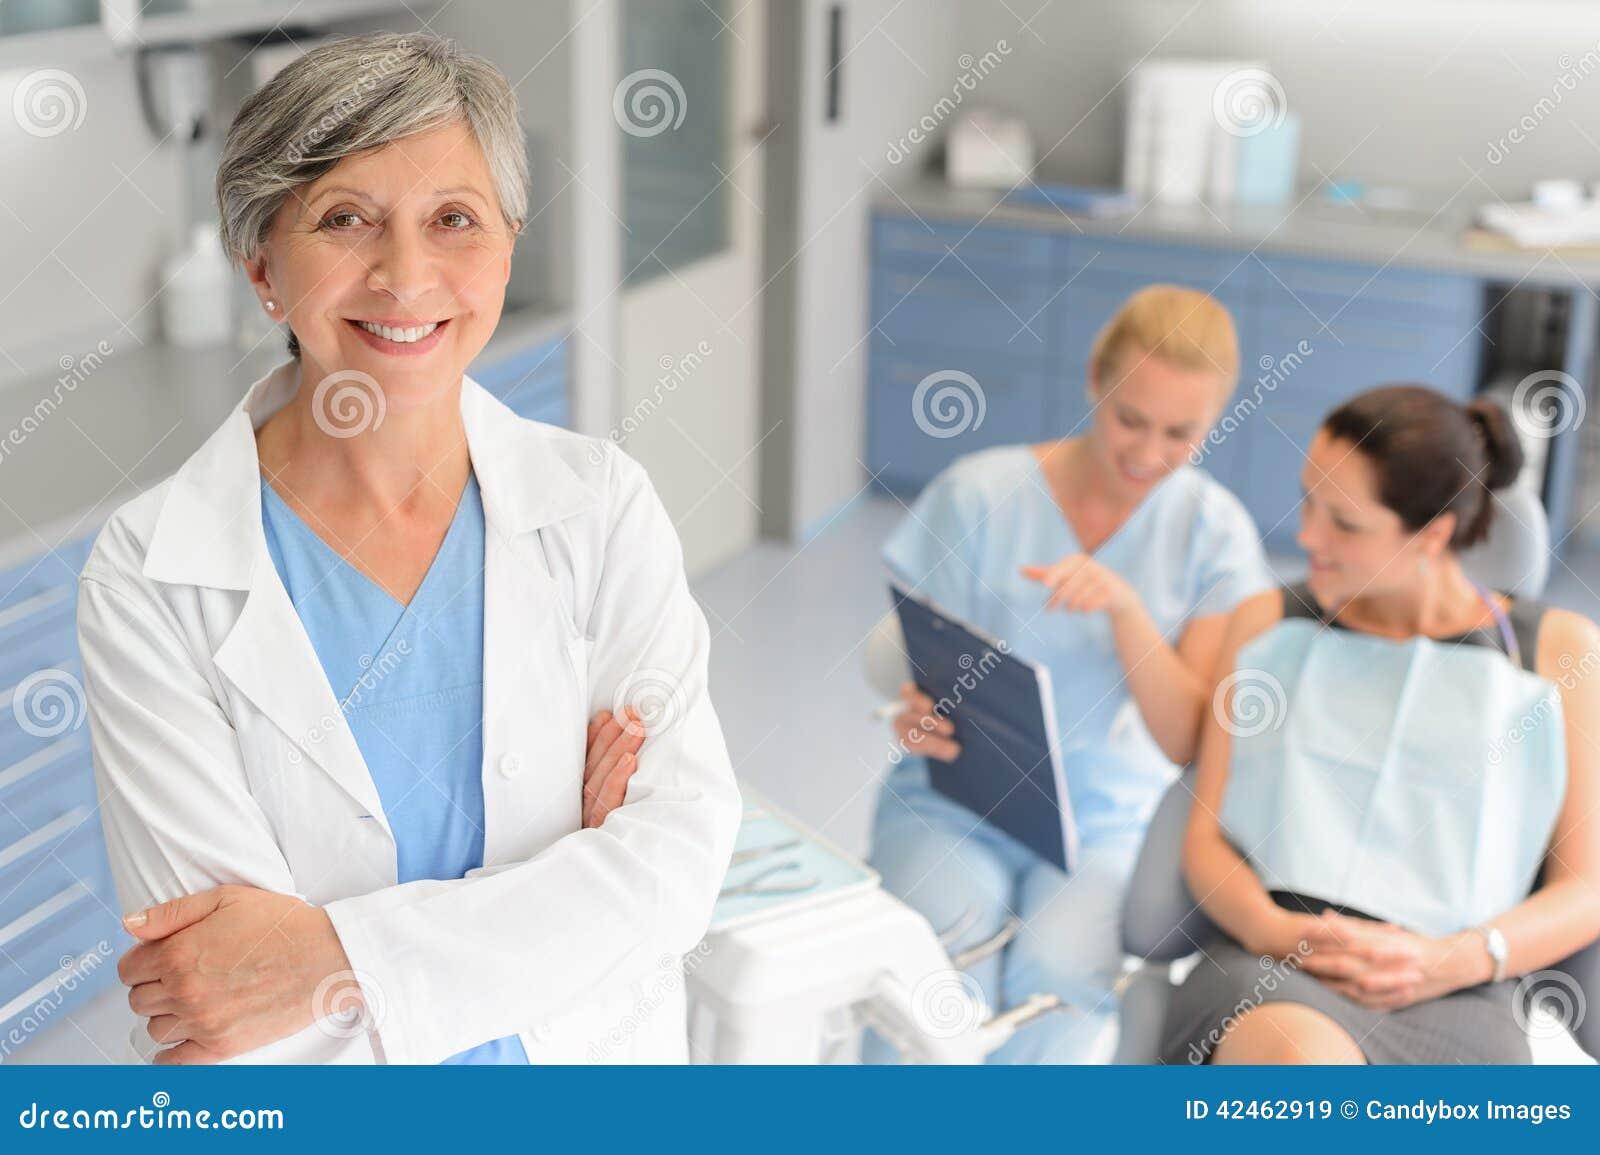 Zahnmedizinischer Klinikpatient des Berufszahnarztchirurgen